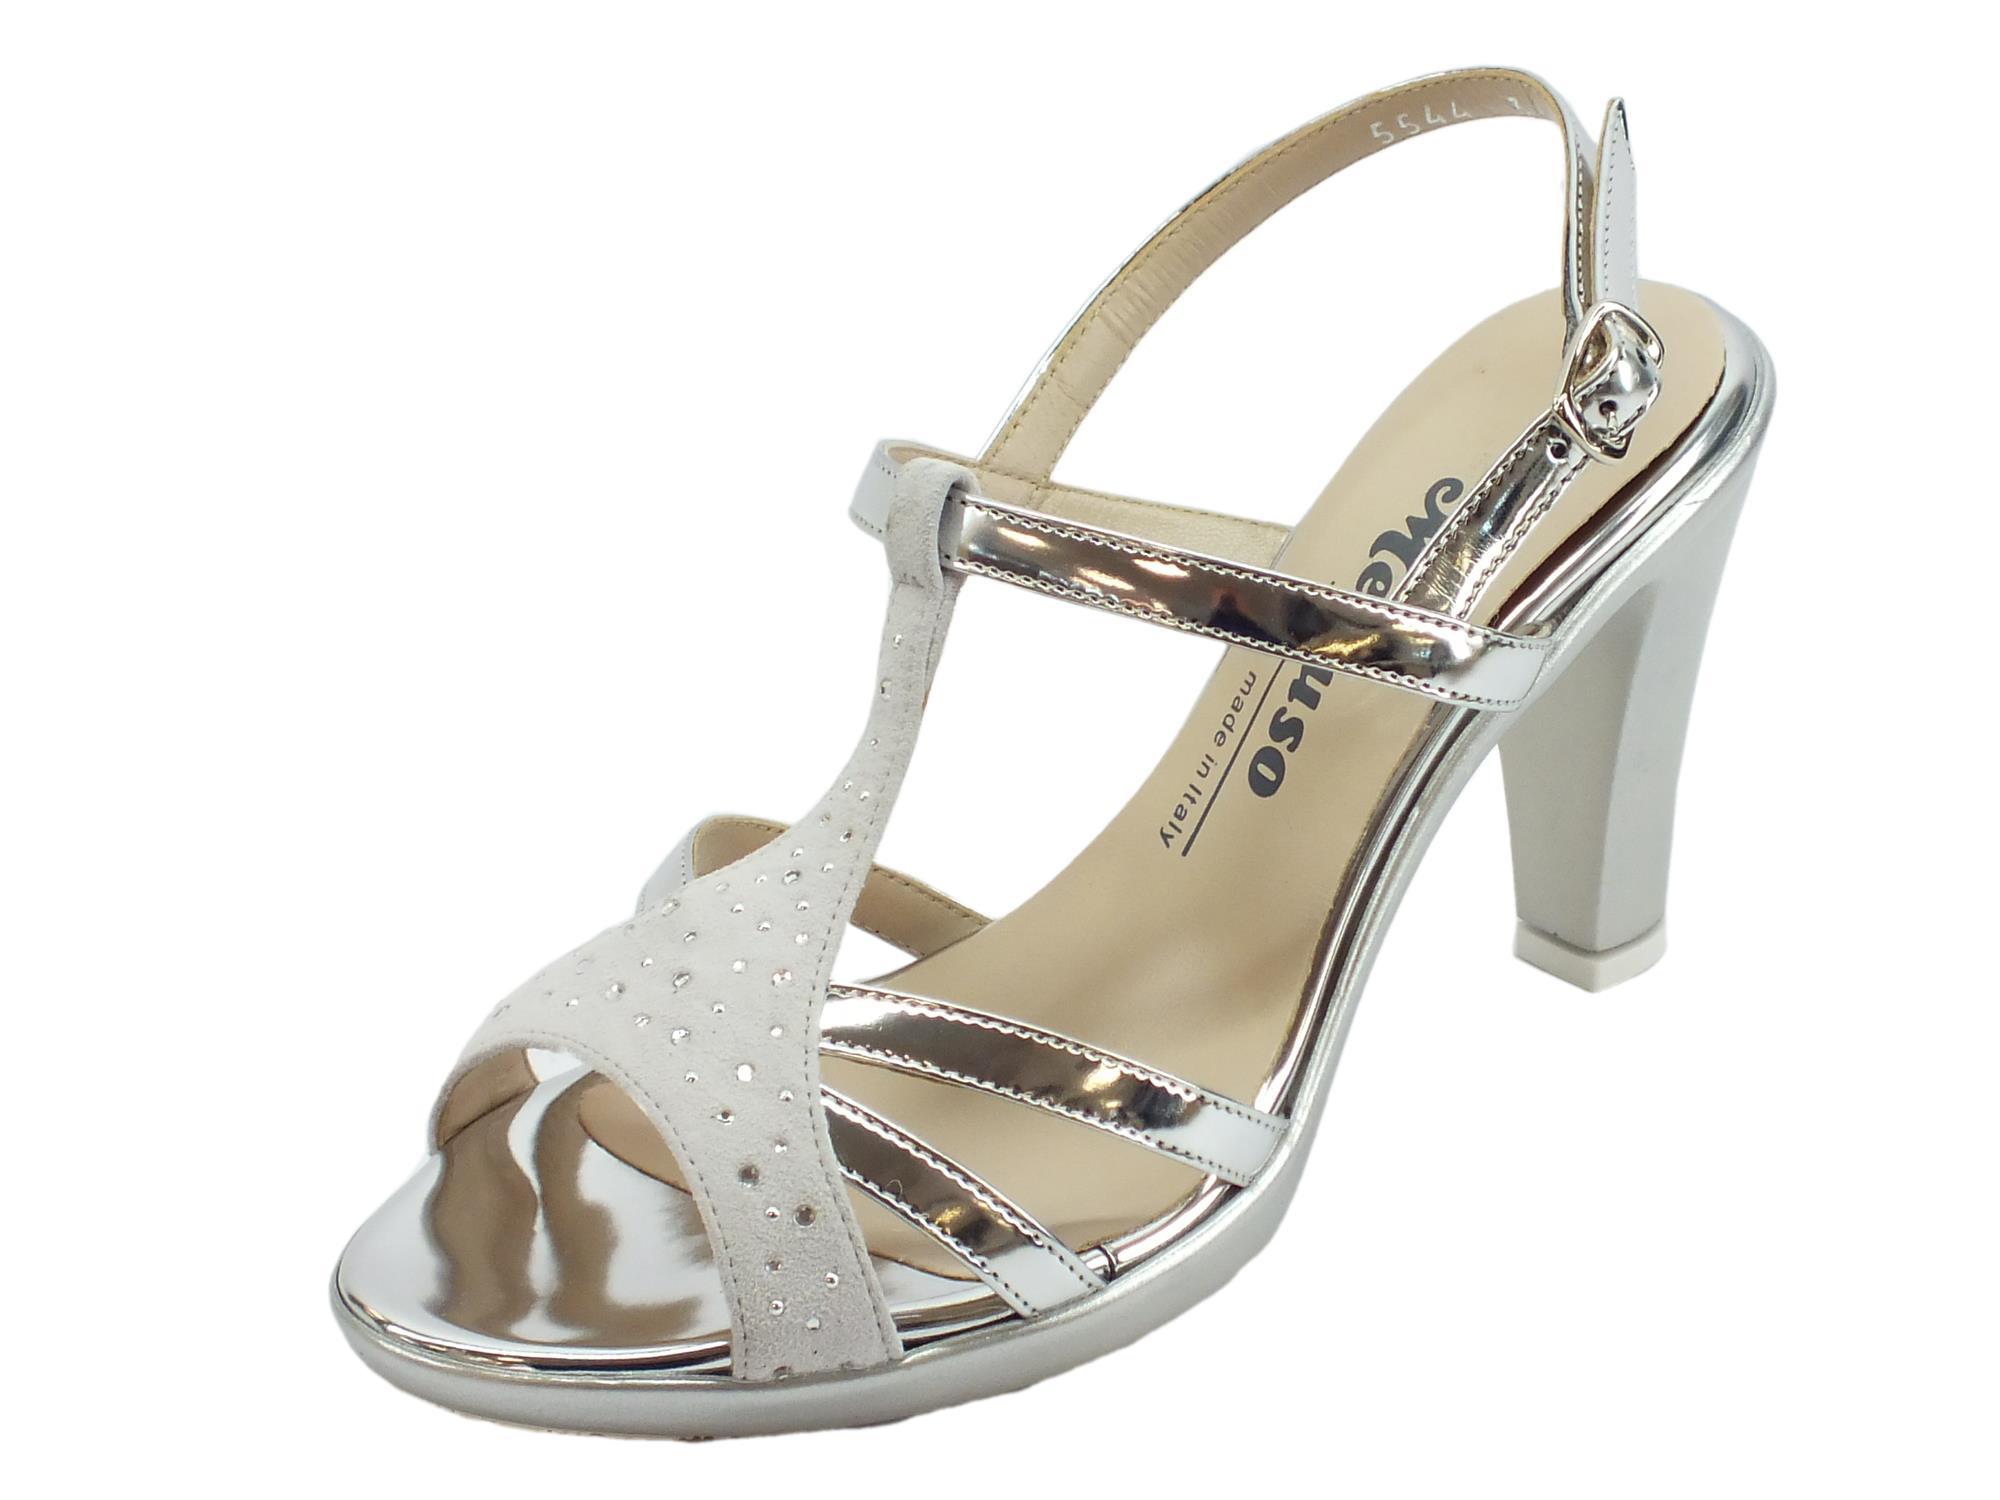 più recente cd7db 2f78d Melluso sandali eleganti tacco alto per donna in pelle argento e nabuk  ghiaccio